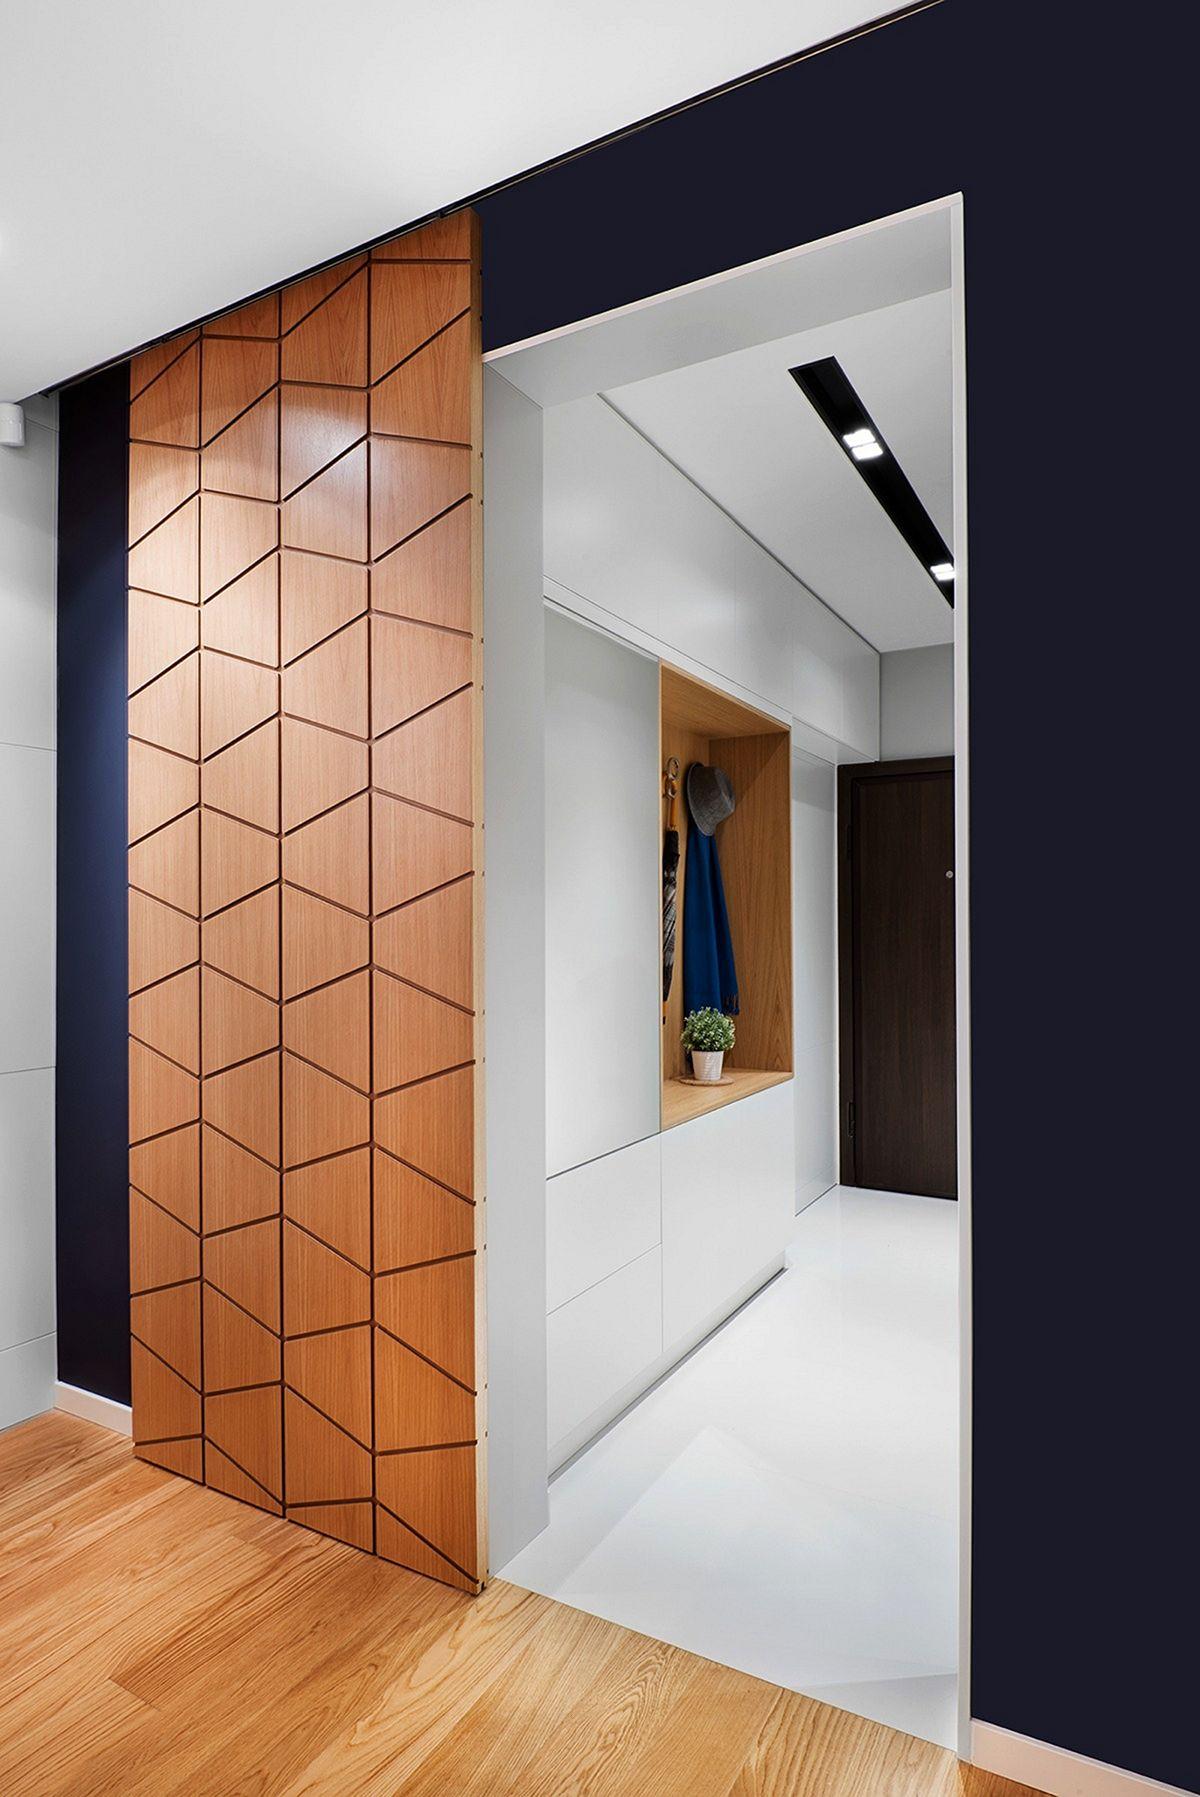 Фото интерьера квартир с дверьми раздвижными